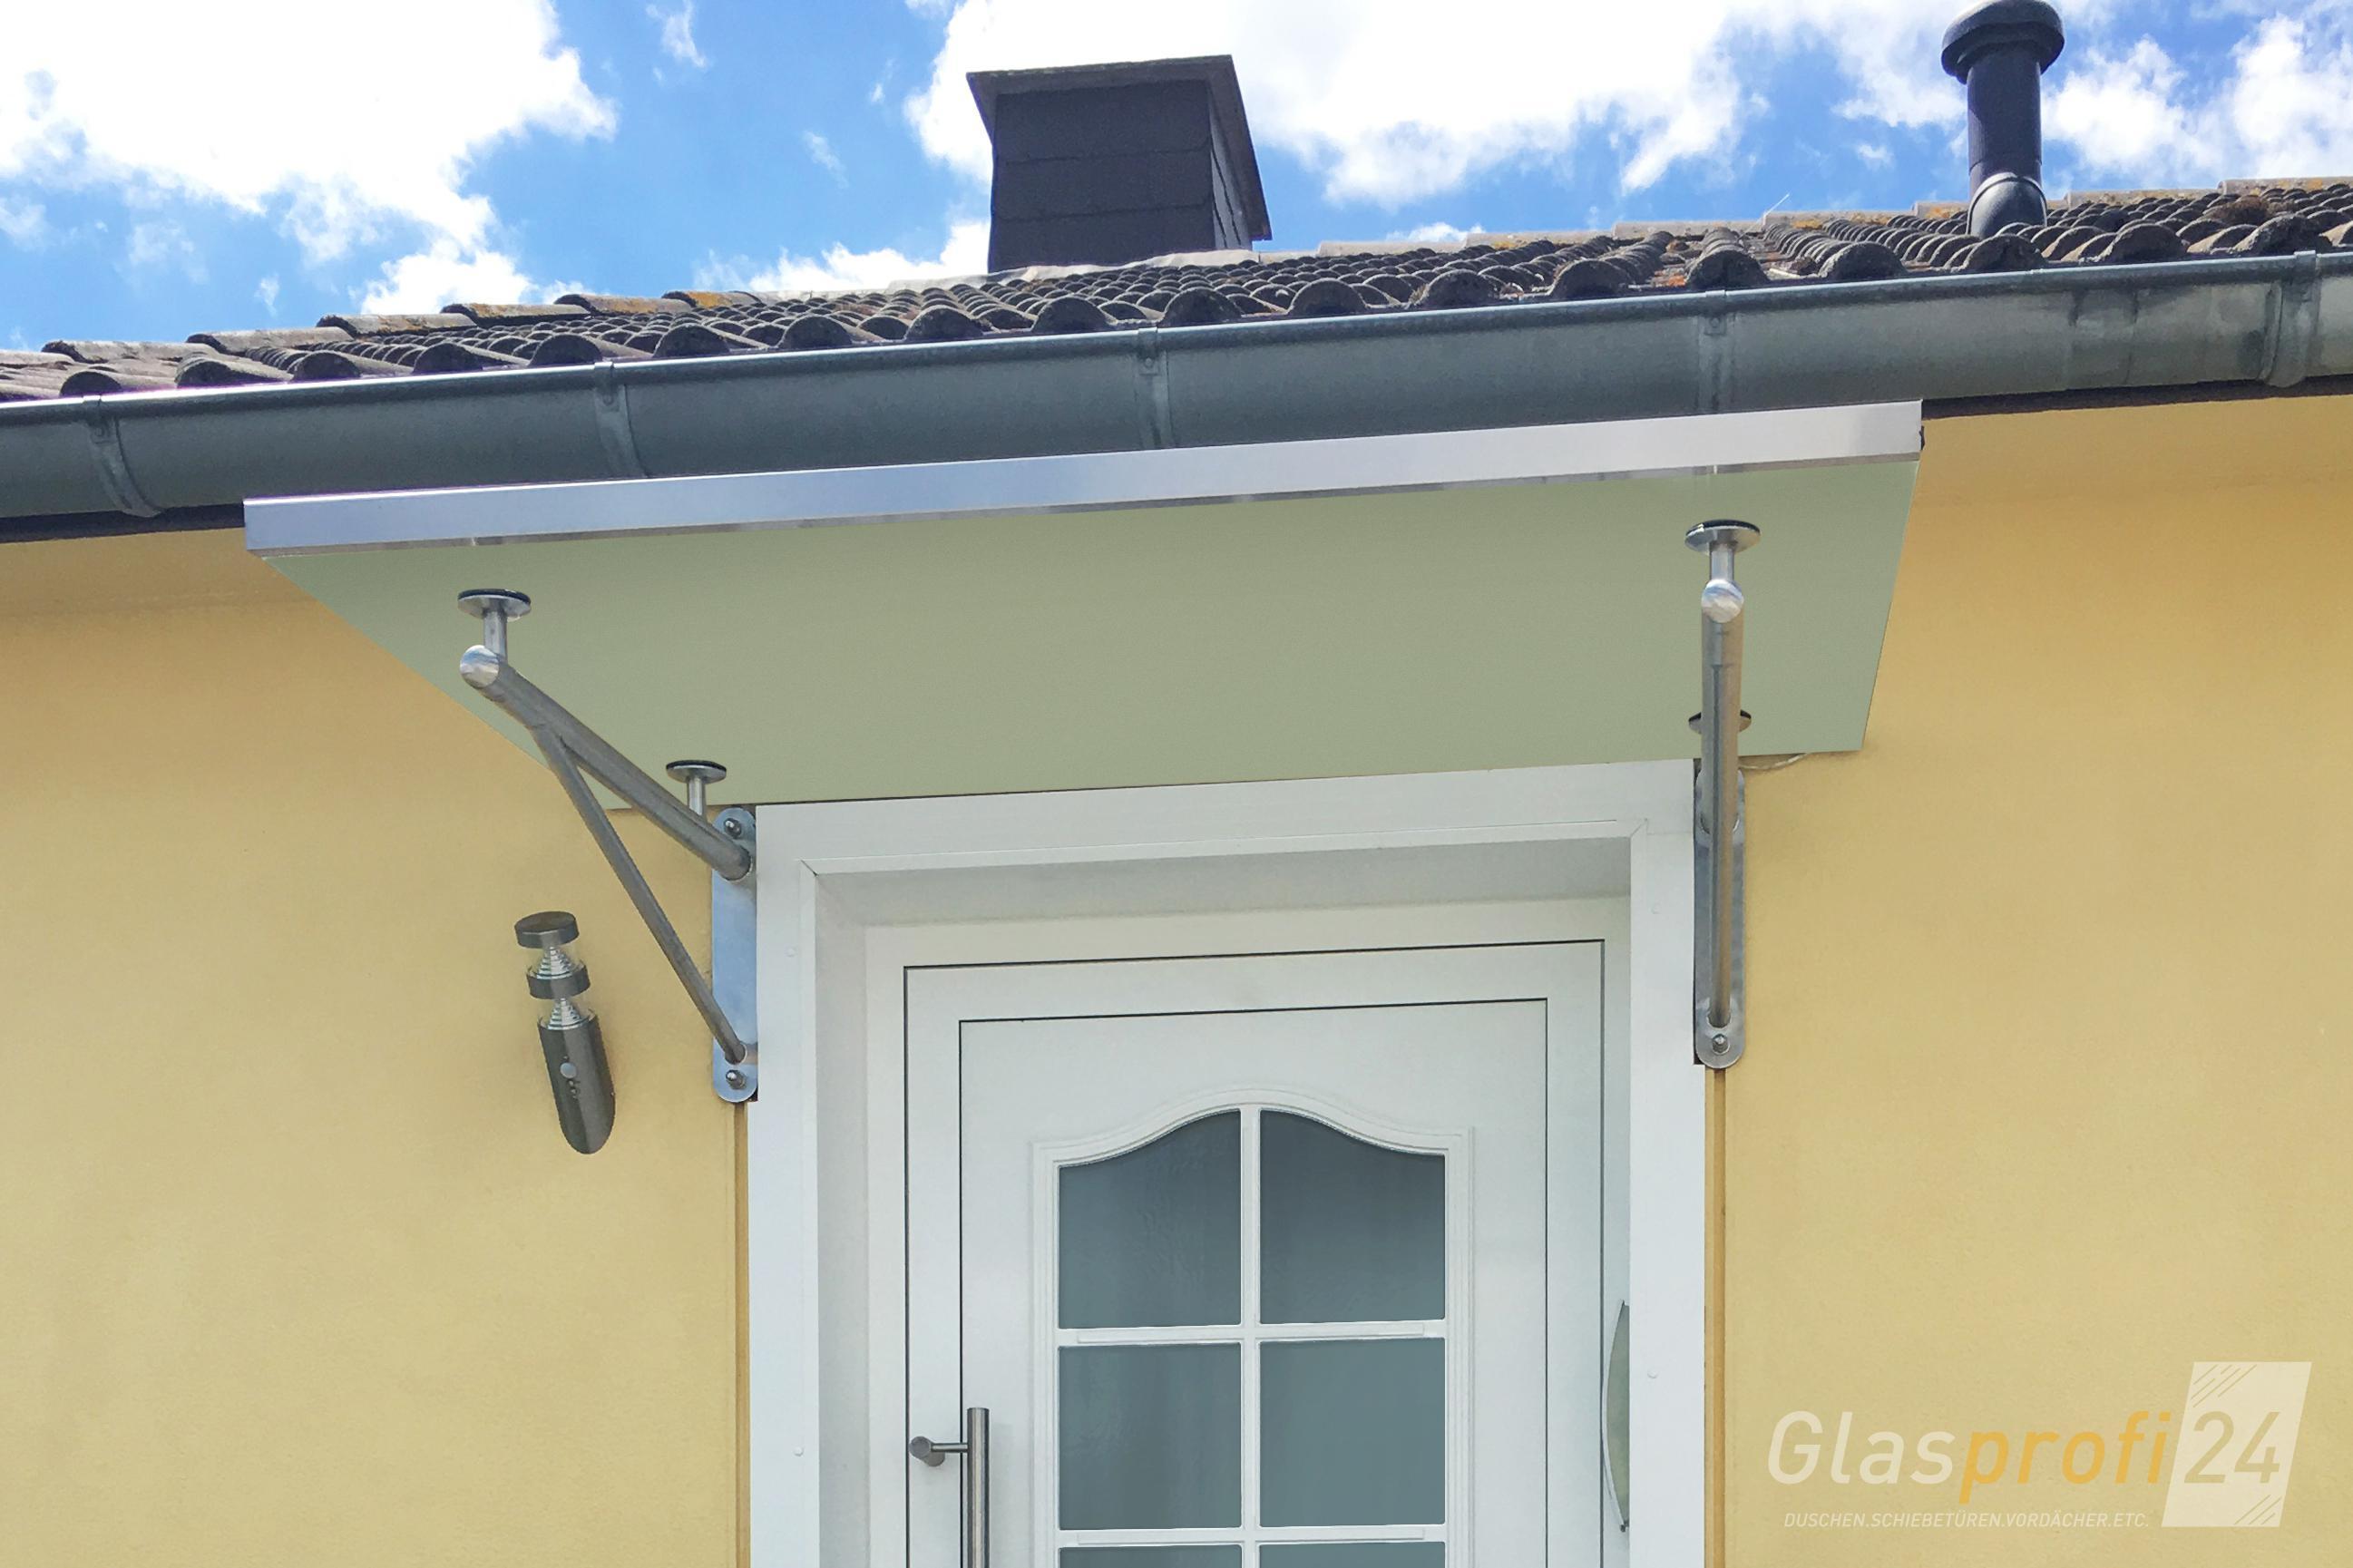 Glas Vordach TRAVE mit Rohrträger-Konstruktion | GLASPROFI24